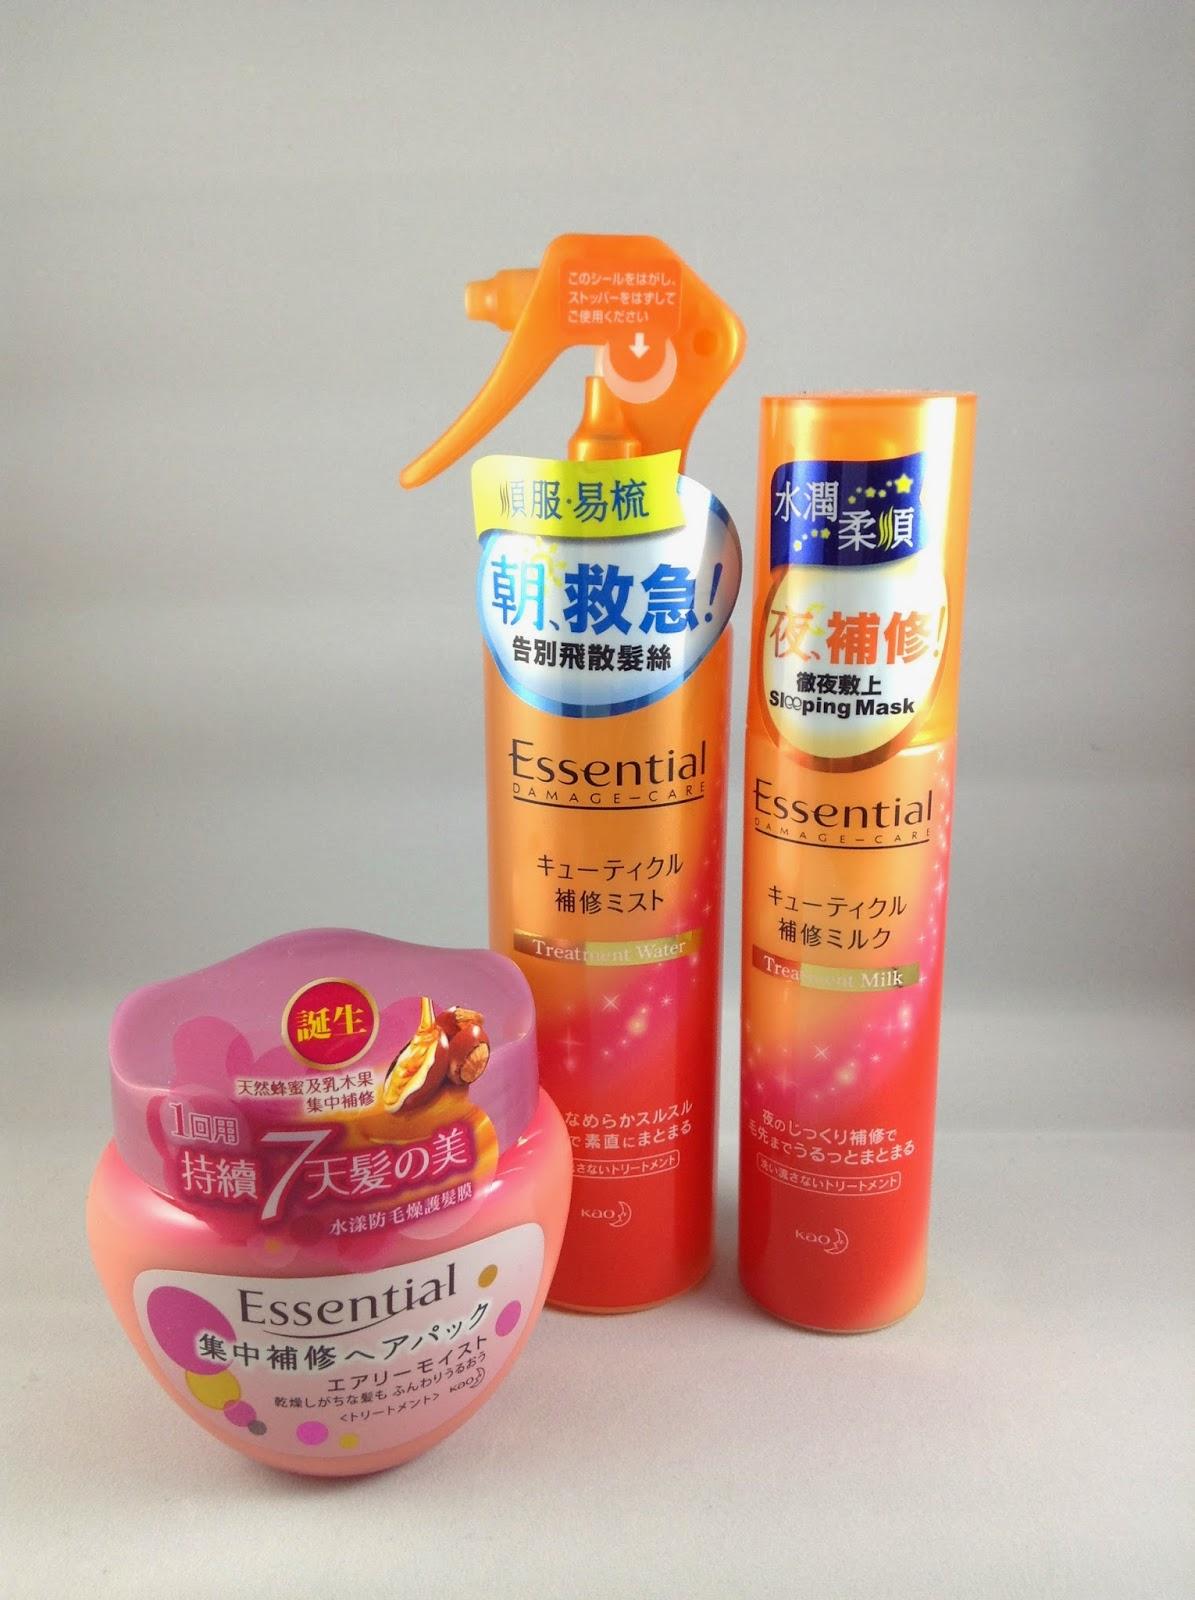 >>早晚每週自家護髮*日本 Essential 水漾防毛燥護髮膜﹠瞬滑抗熱美髮水﹠保濕修護乳霜